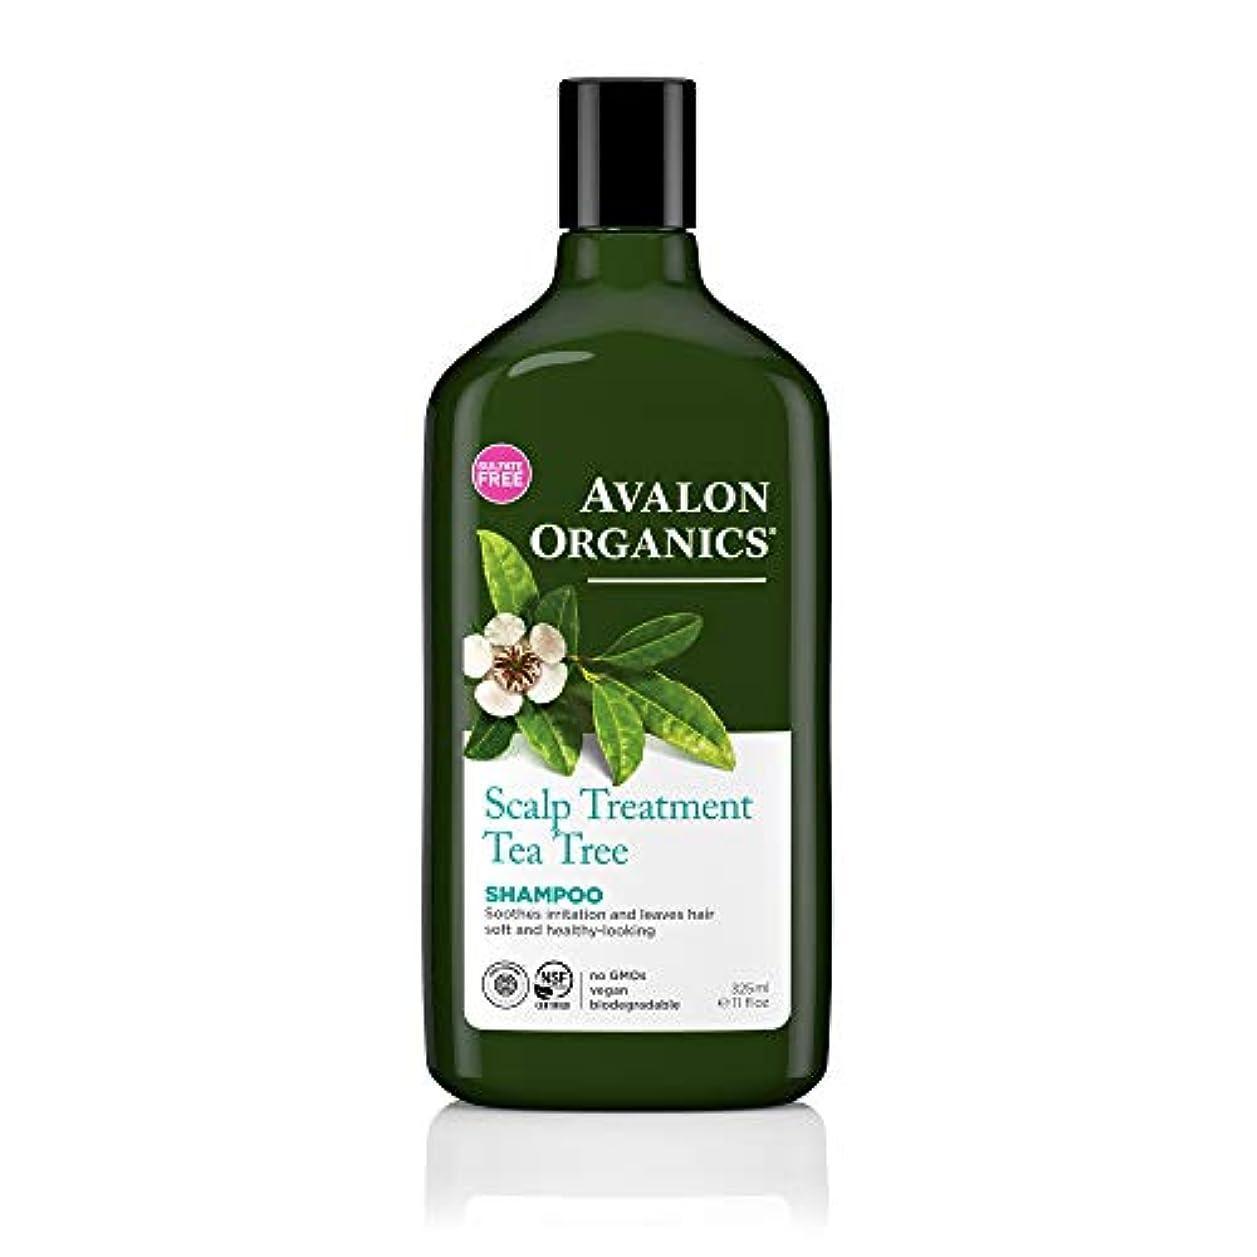 払い戻し乳剤ビザアバロンオーガニック[AVALON ORGANICS]シャンプーティーツリー325ml